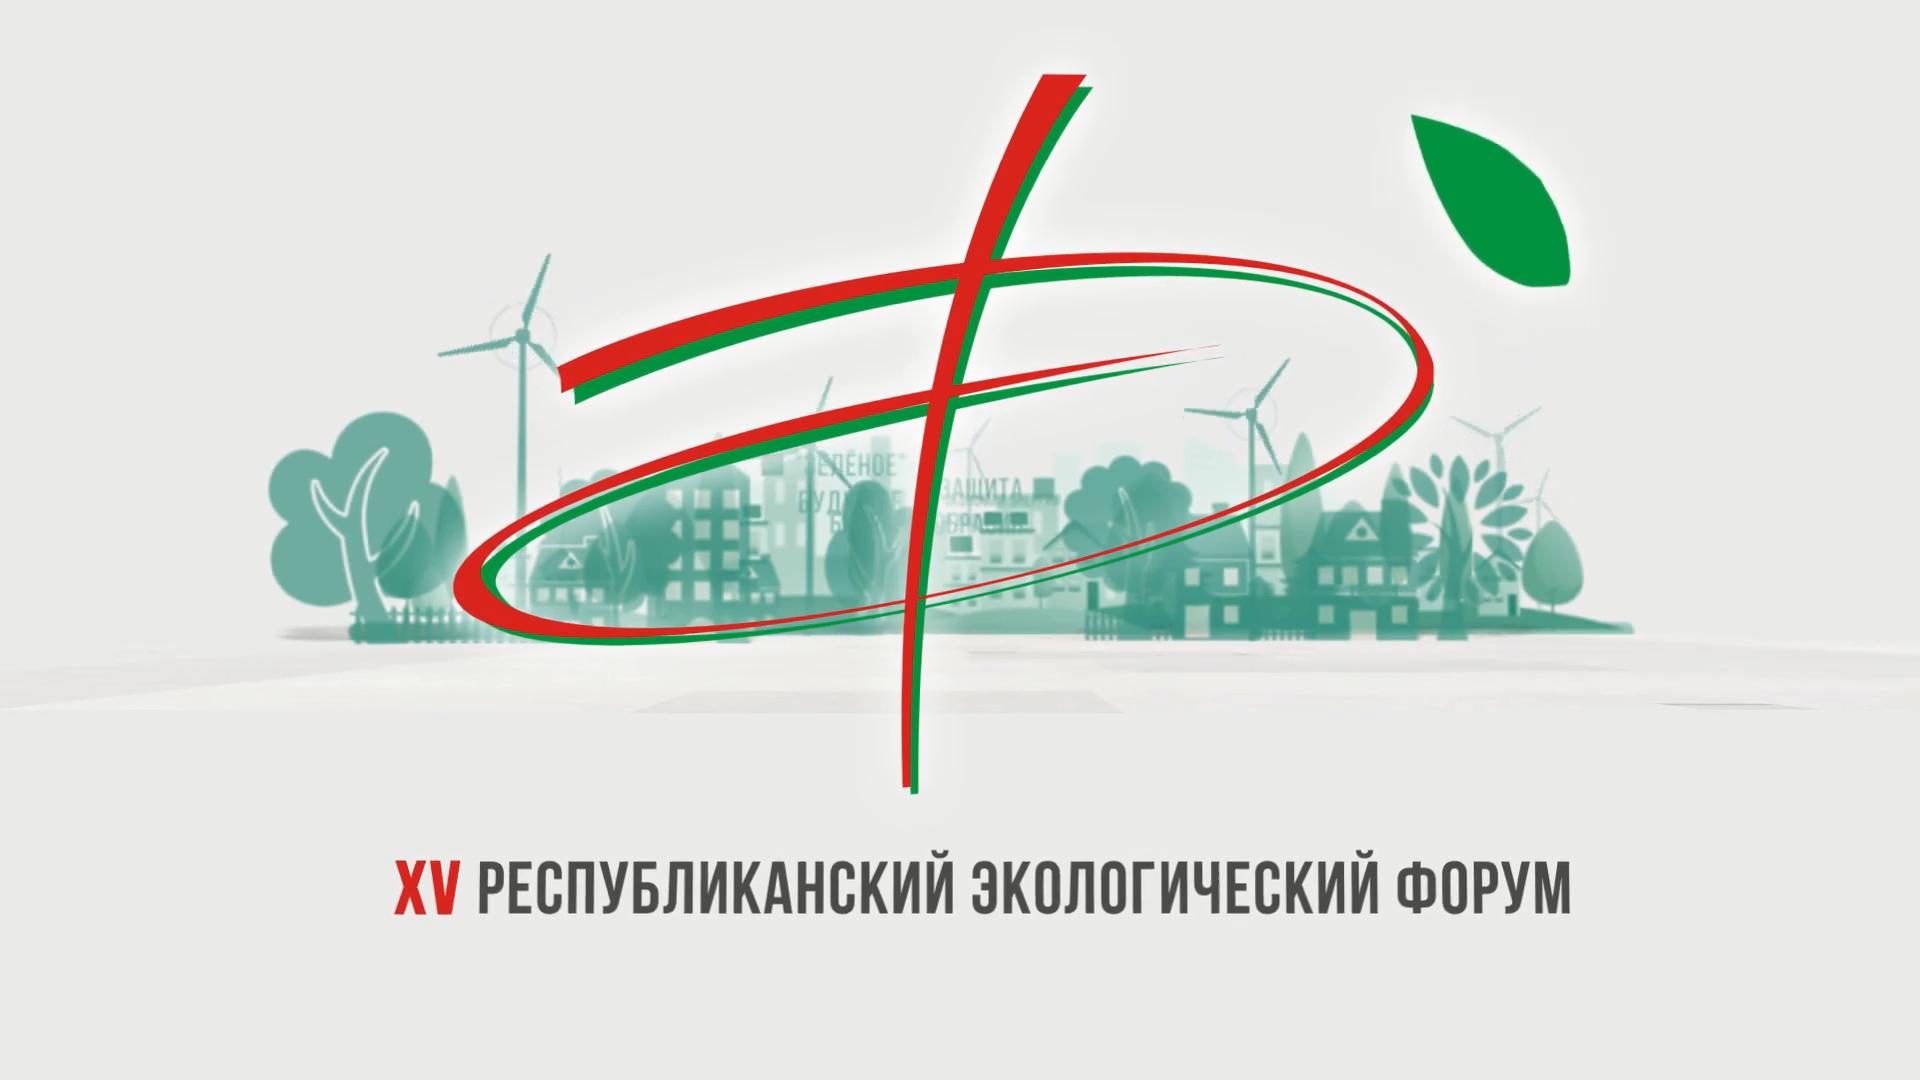 XV Республиканский экологический форум